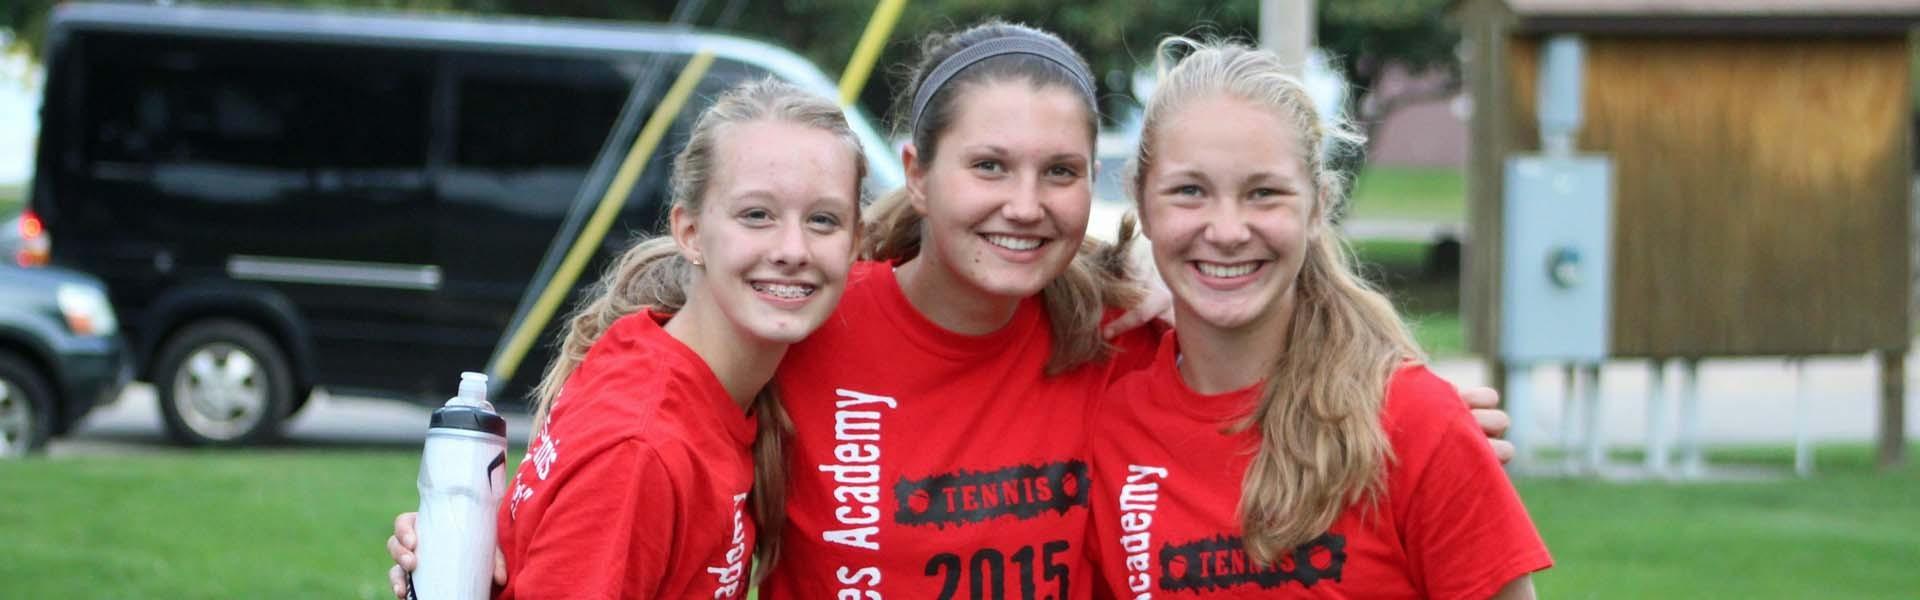 Lourdes Academy Wisconsin USA Girls Banner 2019